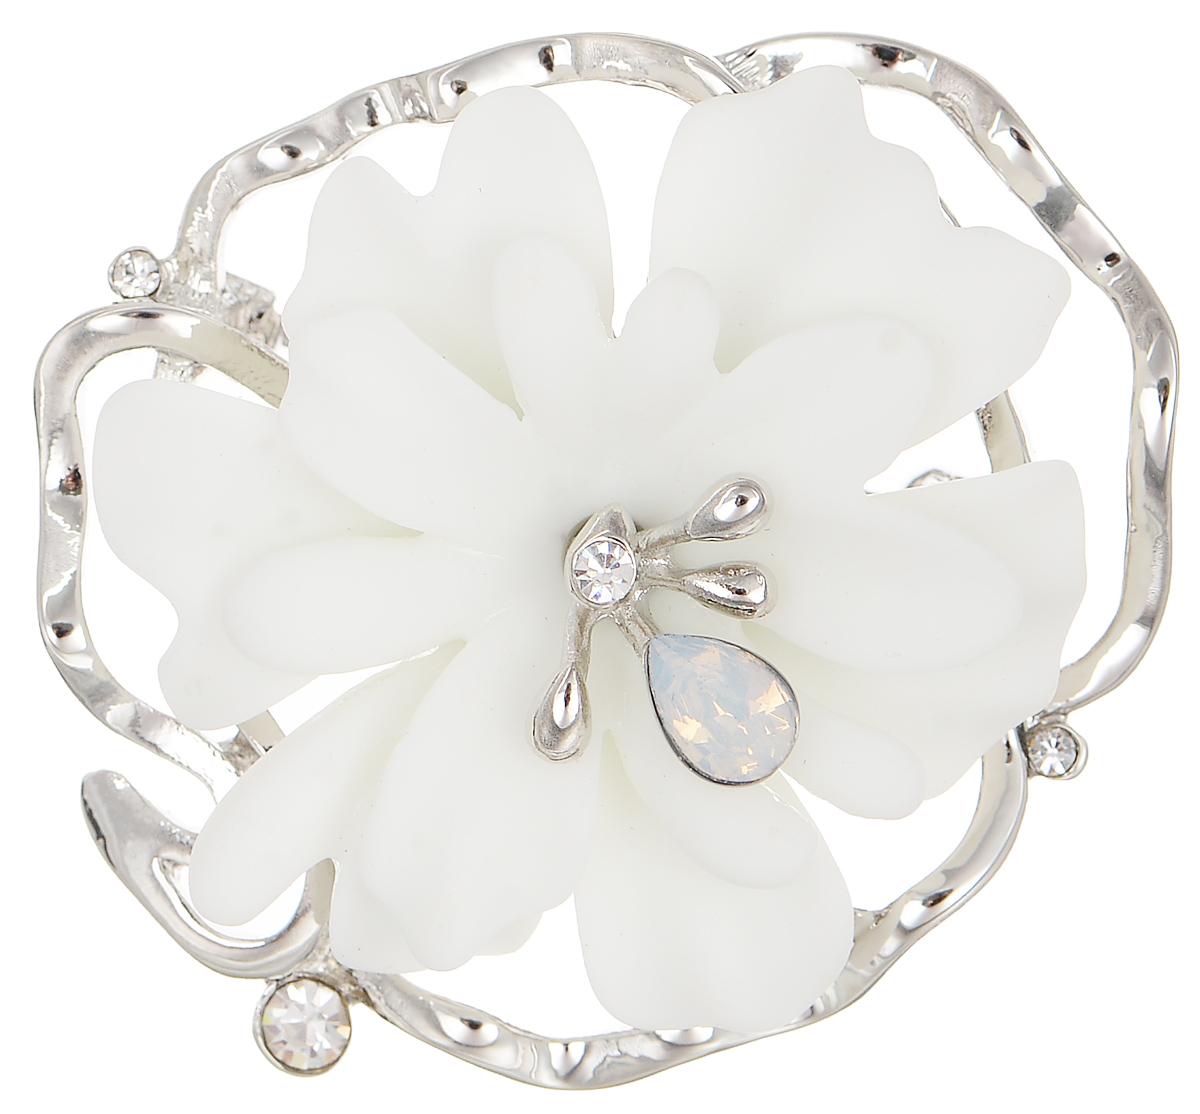 Брошь Selena Audrey, цвет: белый, серебристый. 3002665030026650Роскошная брошь Selena Audrey изготовлена из латуни с родиевым покрытием и керамики в виде цветка. Брошь оформлена кристаллами Preciosa. Изделие крепится с помощью замка-булавки. Такая брошь позволит вам с легкостью воплотить самую смелую фантазию и создать собственный неповторимый образ.